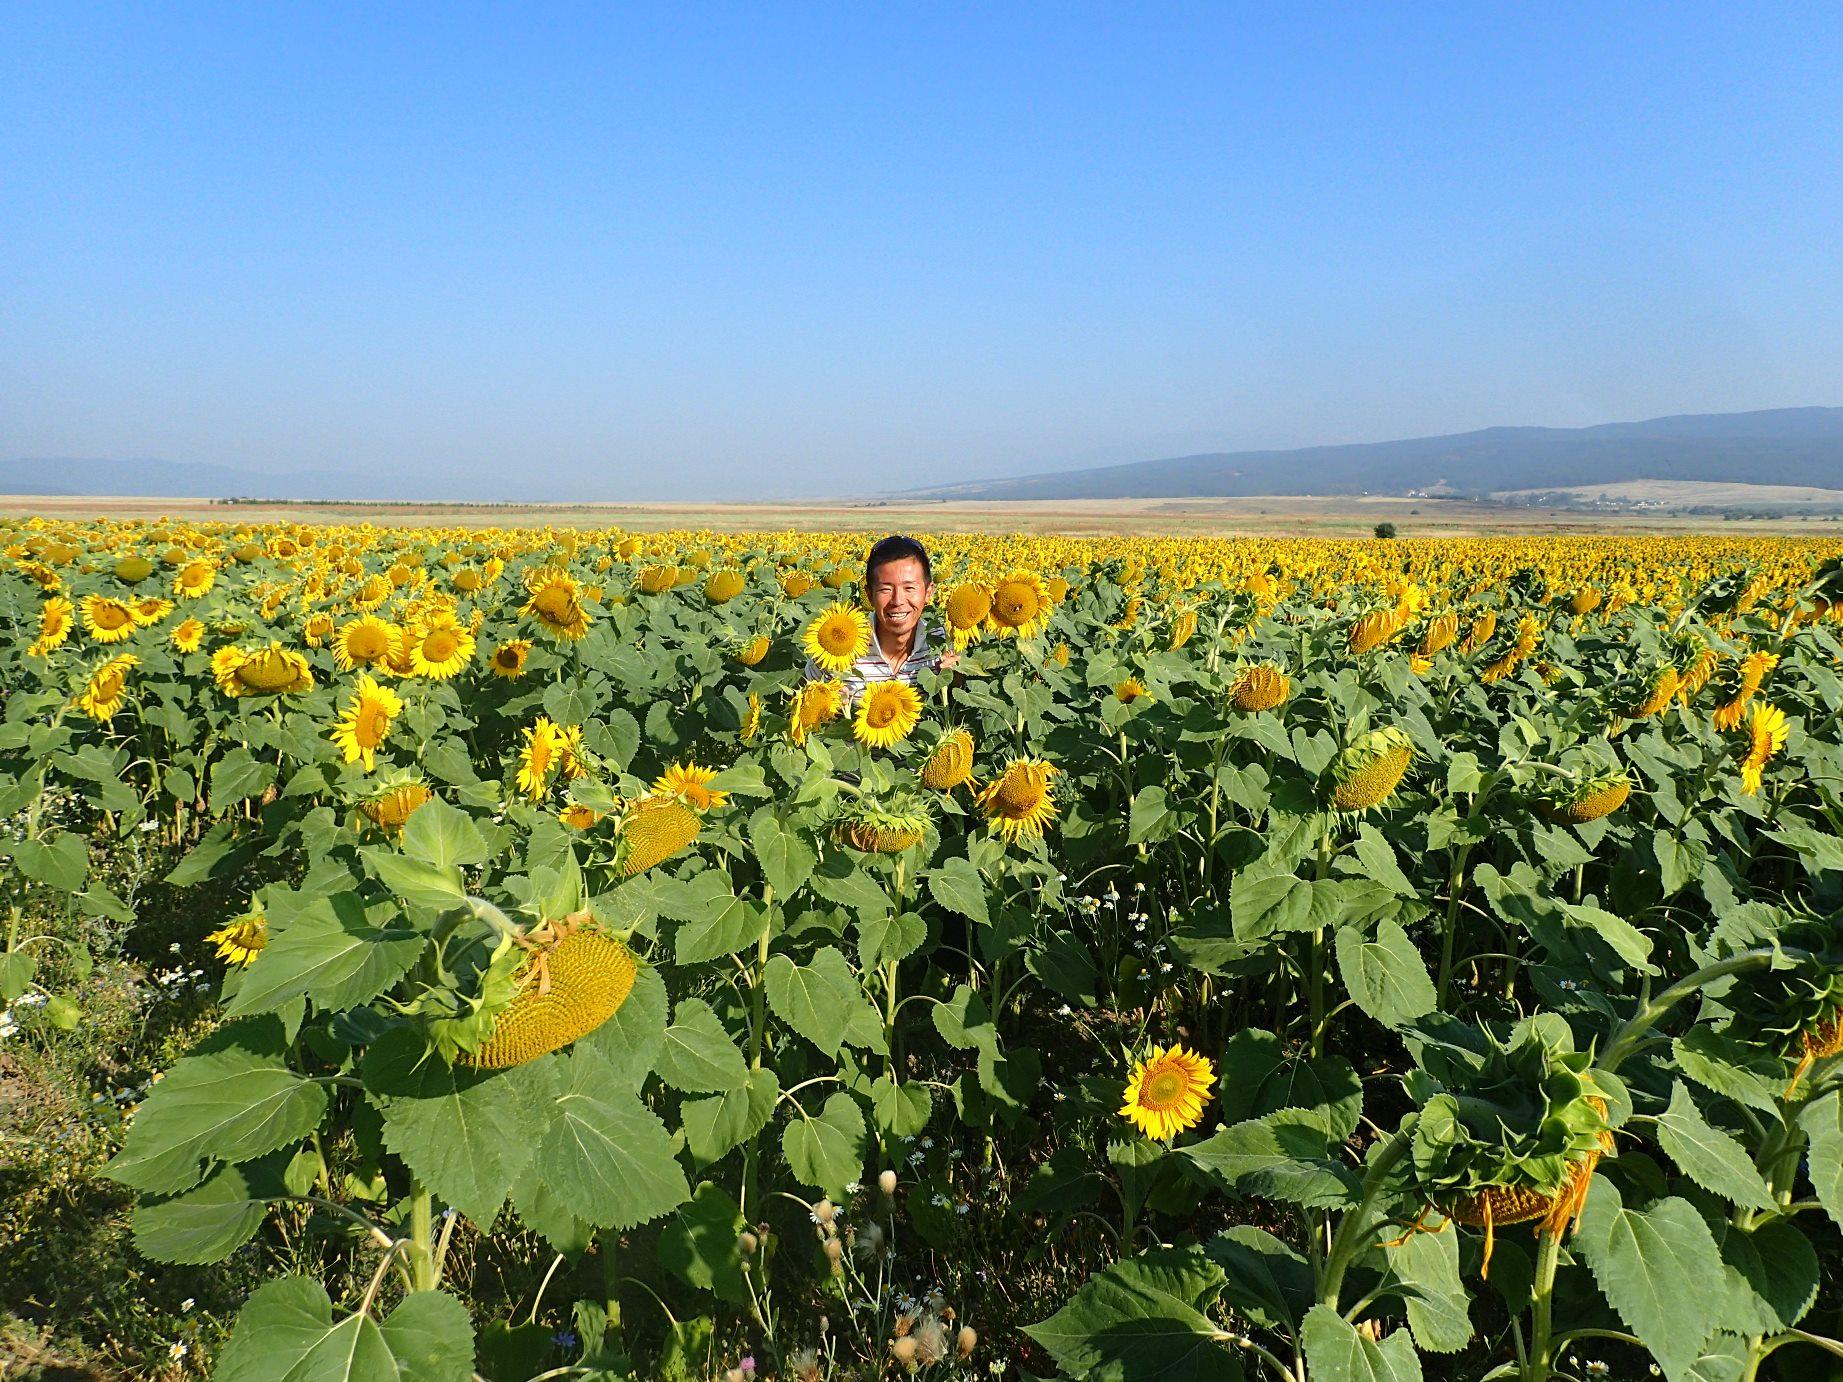 田舎らしい風景が広がるブルガリア